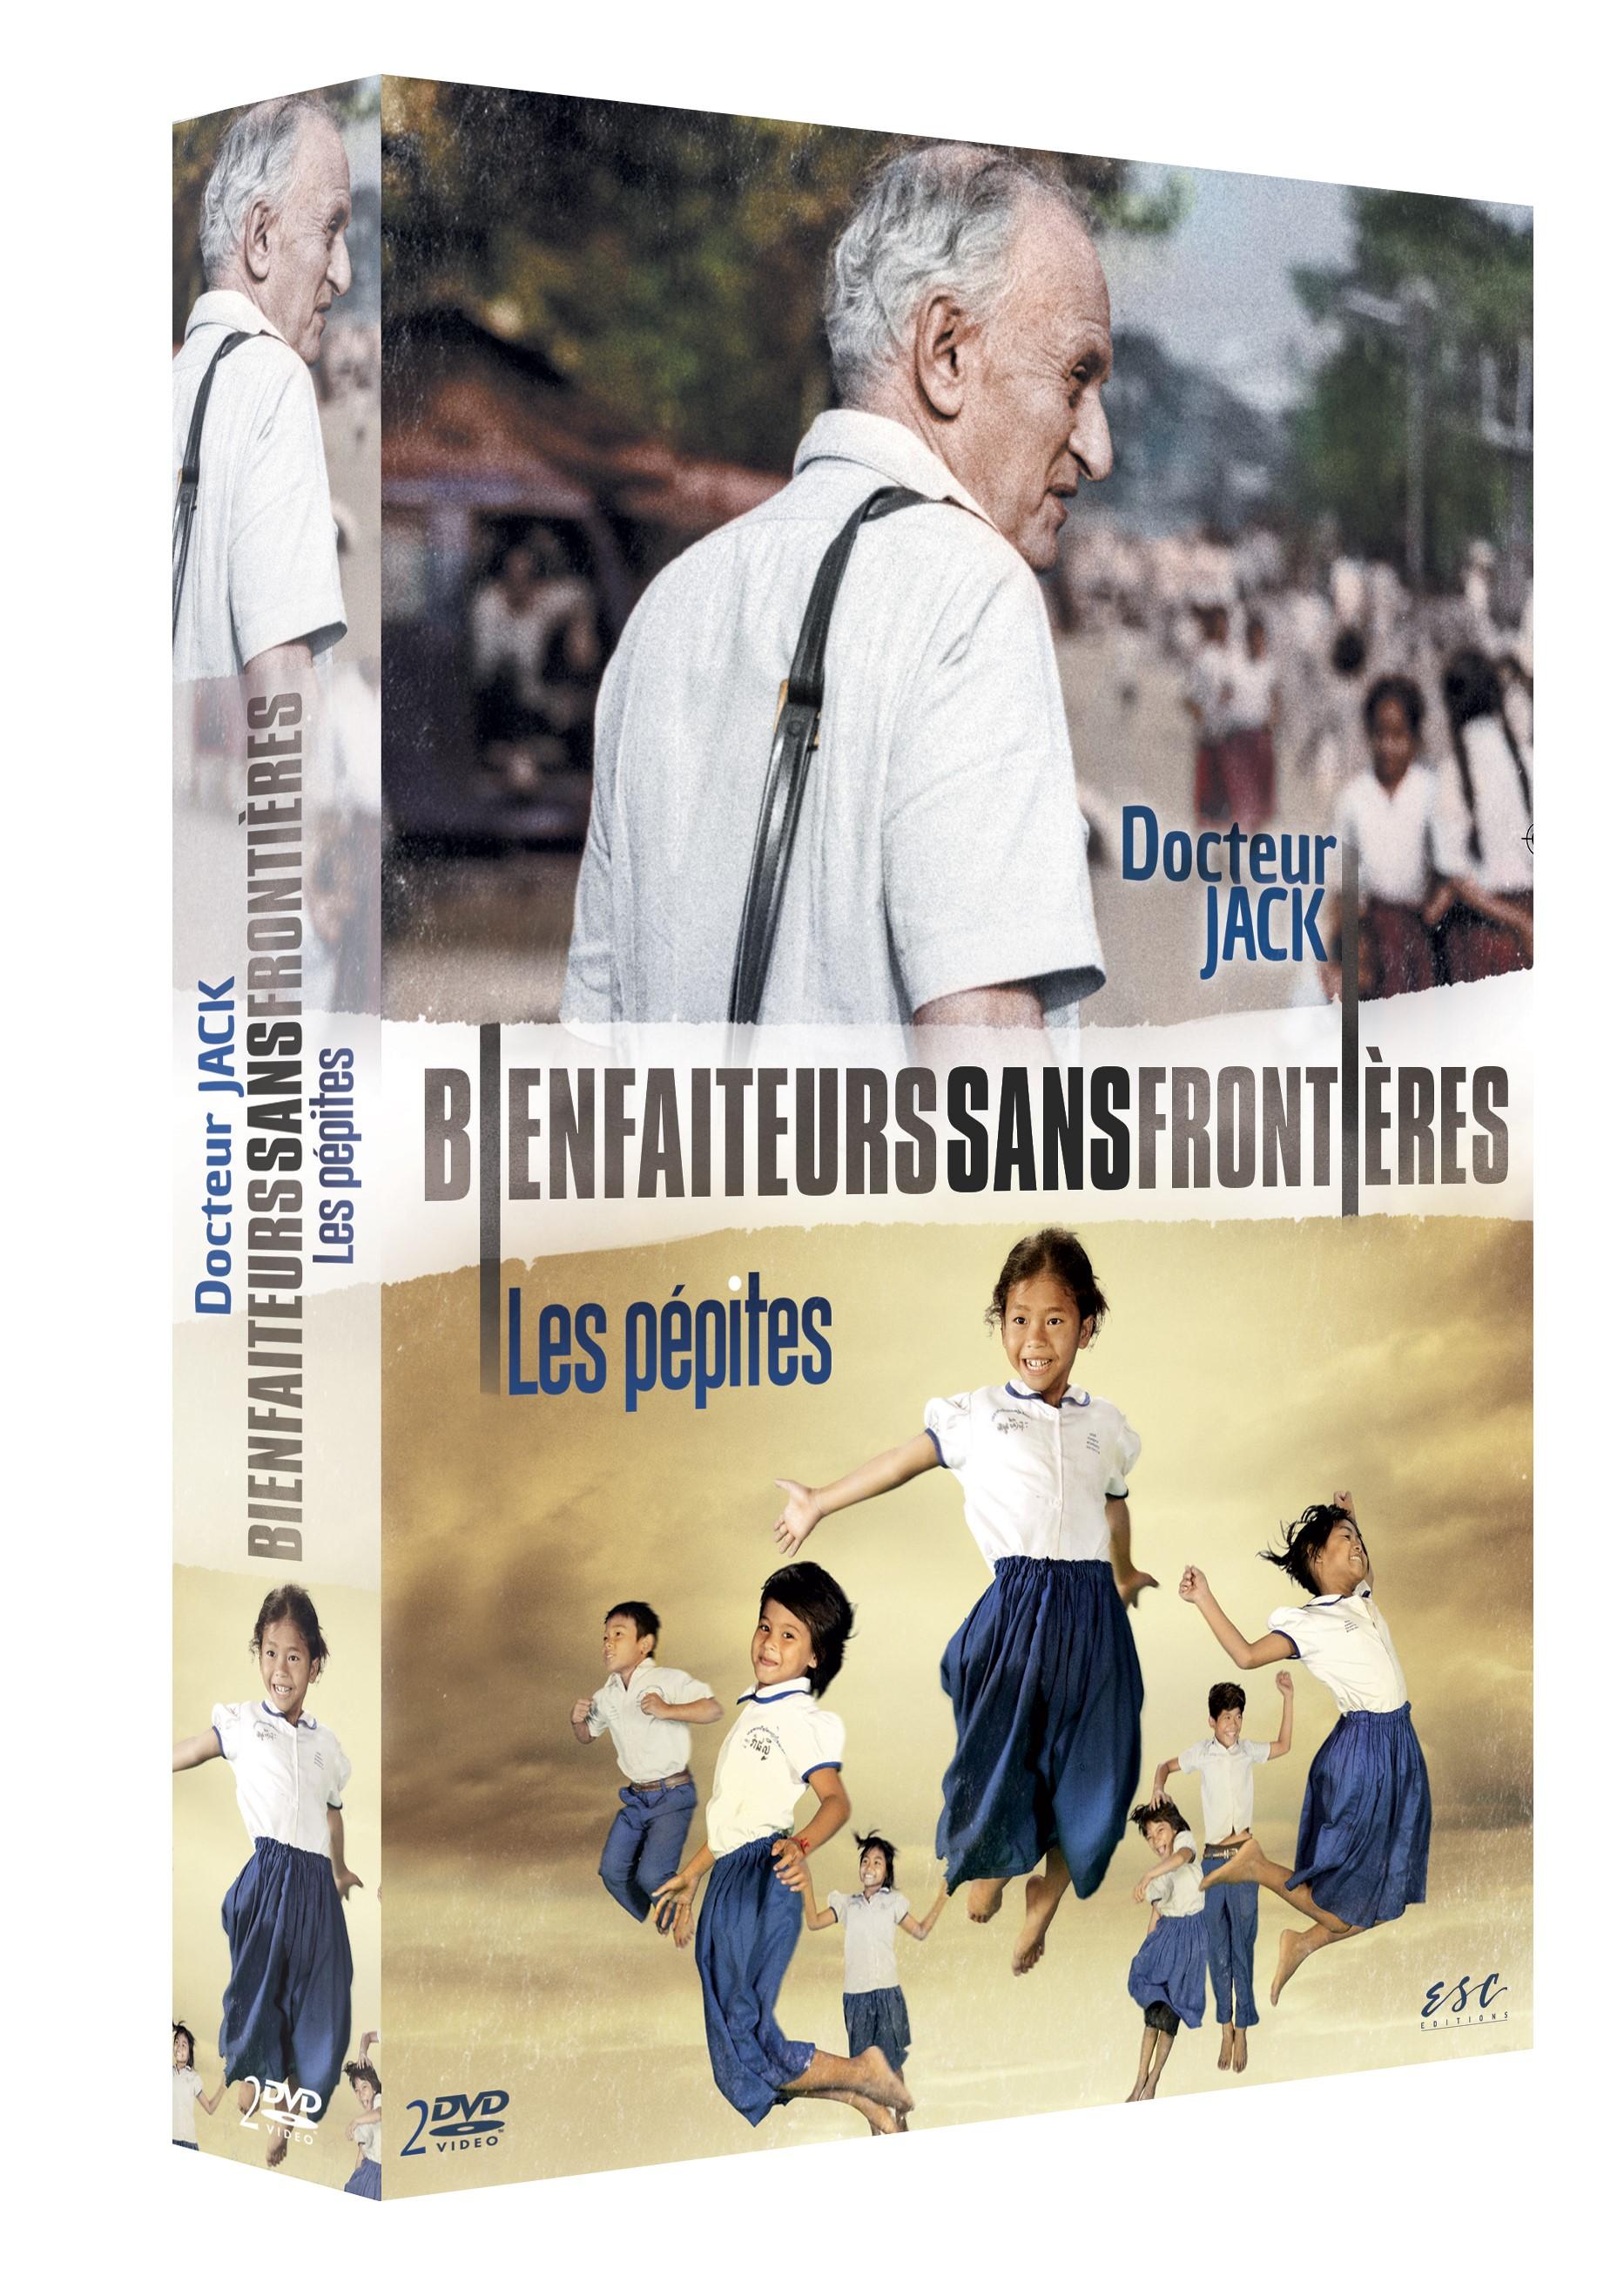 BIENFAITEURS SANS FRONTIÈRES : DOCTEUR JACK + LES PÉPITES